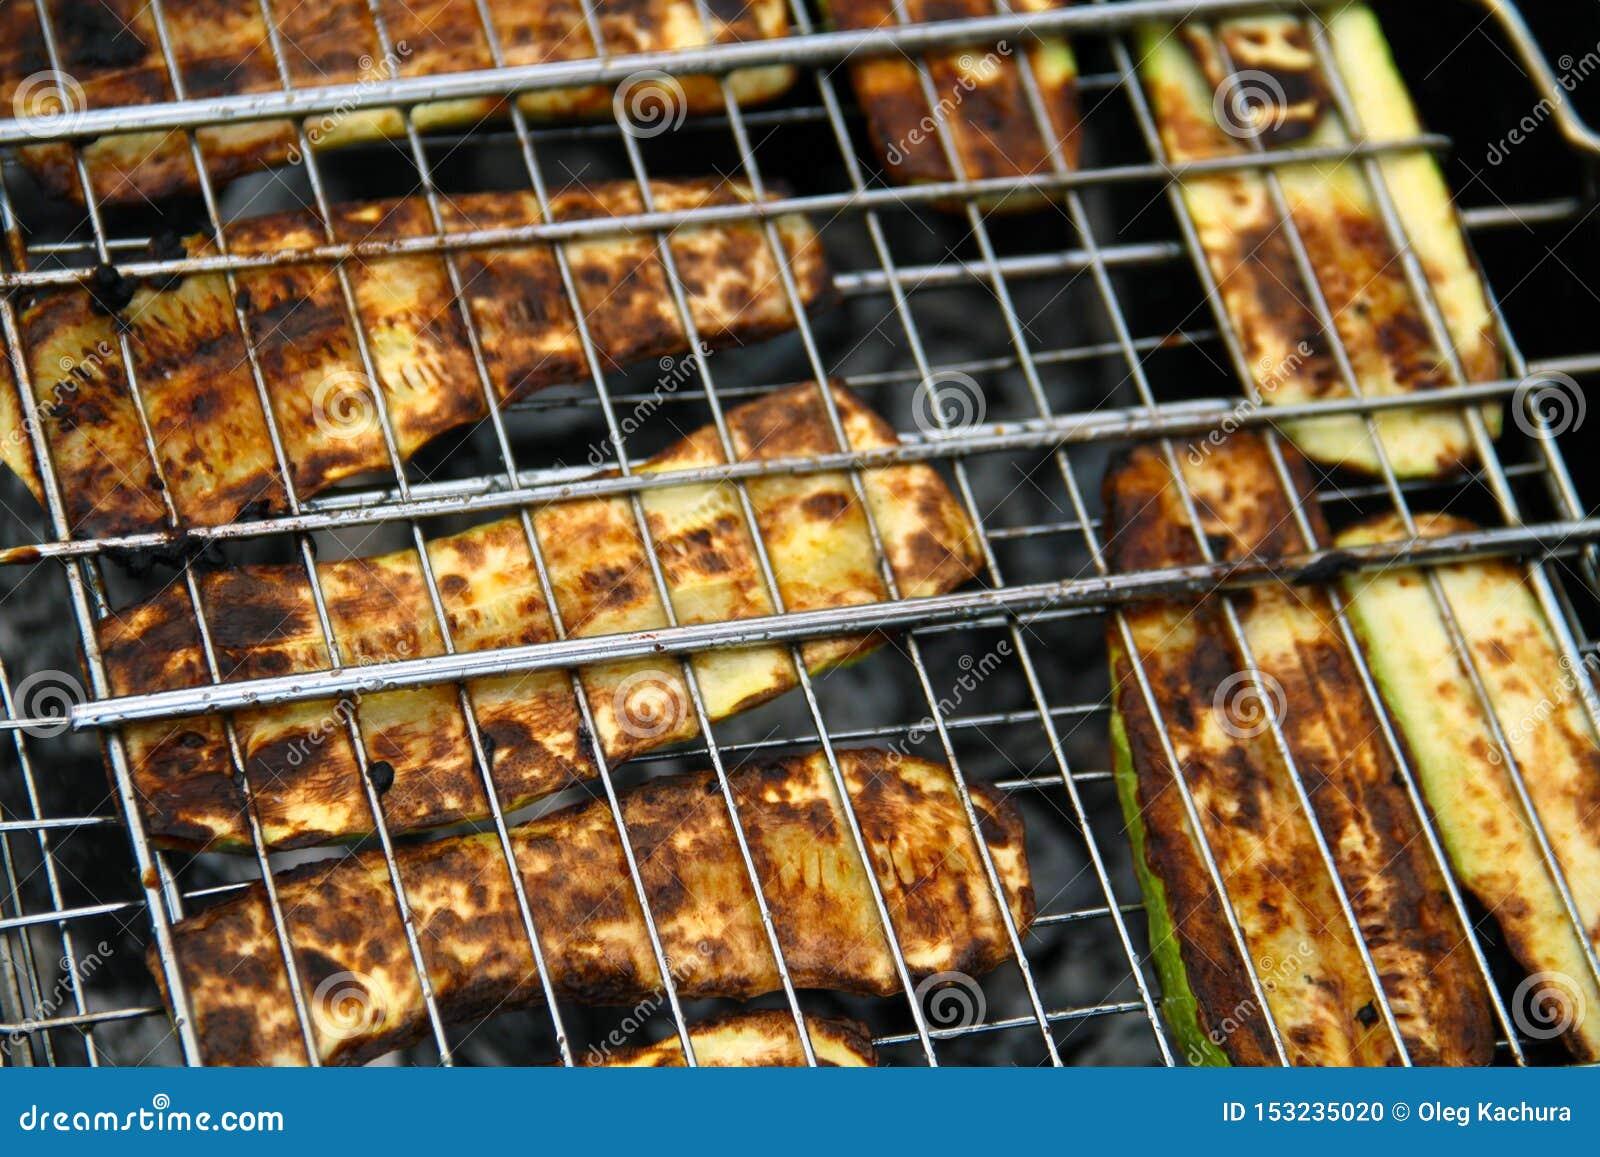 Roasted ha affettato lo zucchini su un fuoco presentato nelle file sulla griglia sotto i carboni brucianti